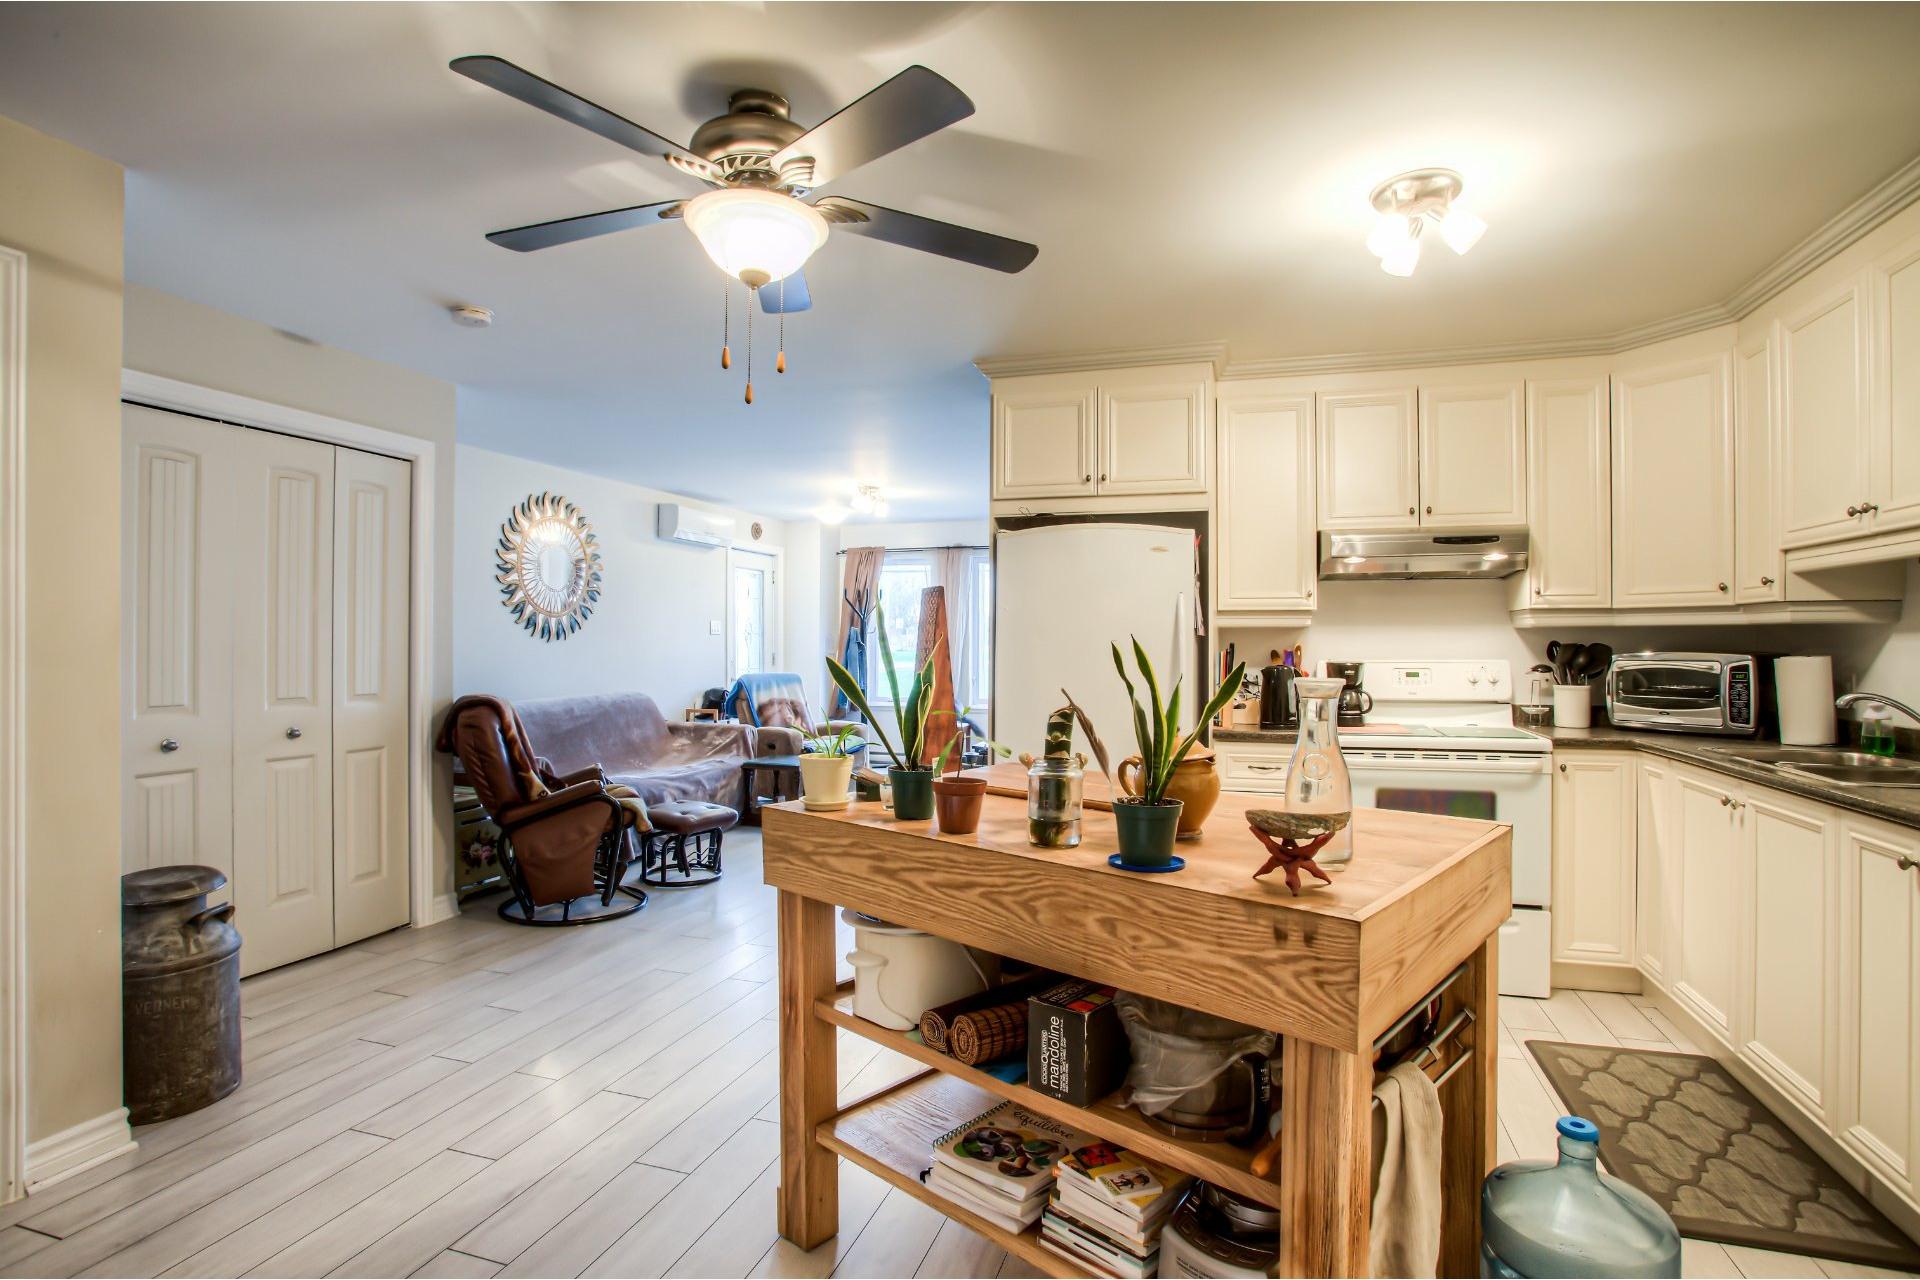 image 5 - Apartment For sale Pointe-des-Cascades - 6 rooms